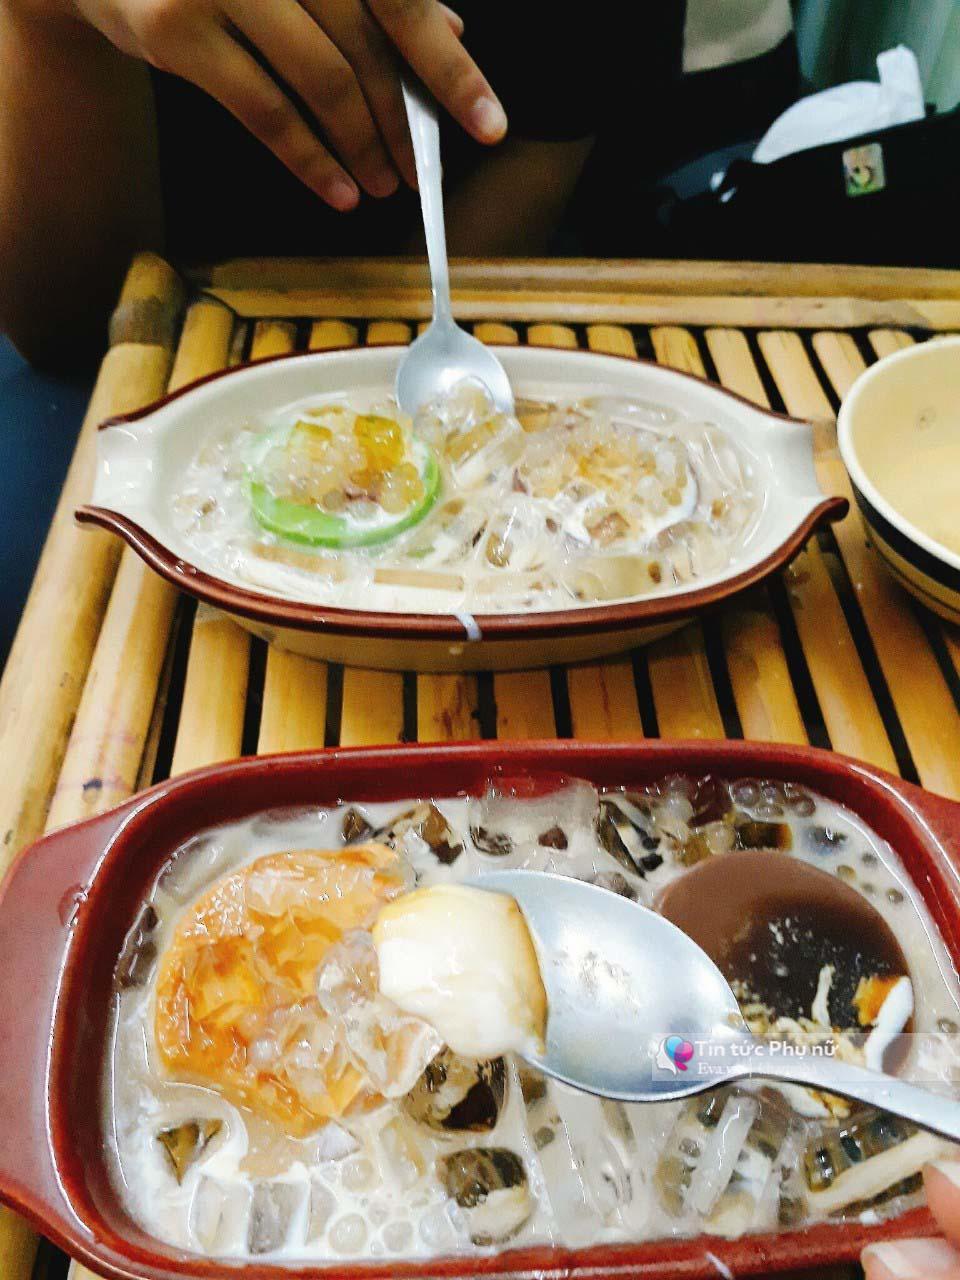 Lạc lối trong 3 con hẻm ăn vặt ngon-bổ-rẻ không thể bỏ lỡ khi du lịch Sài Gòn-3